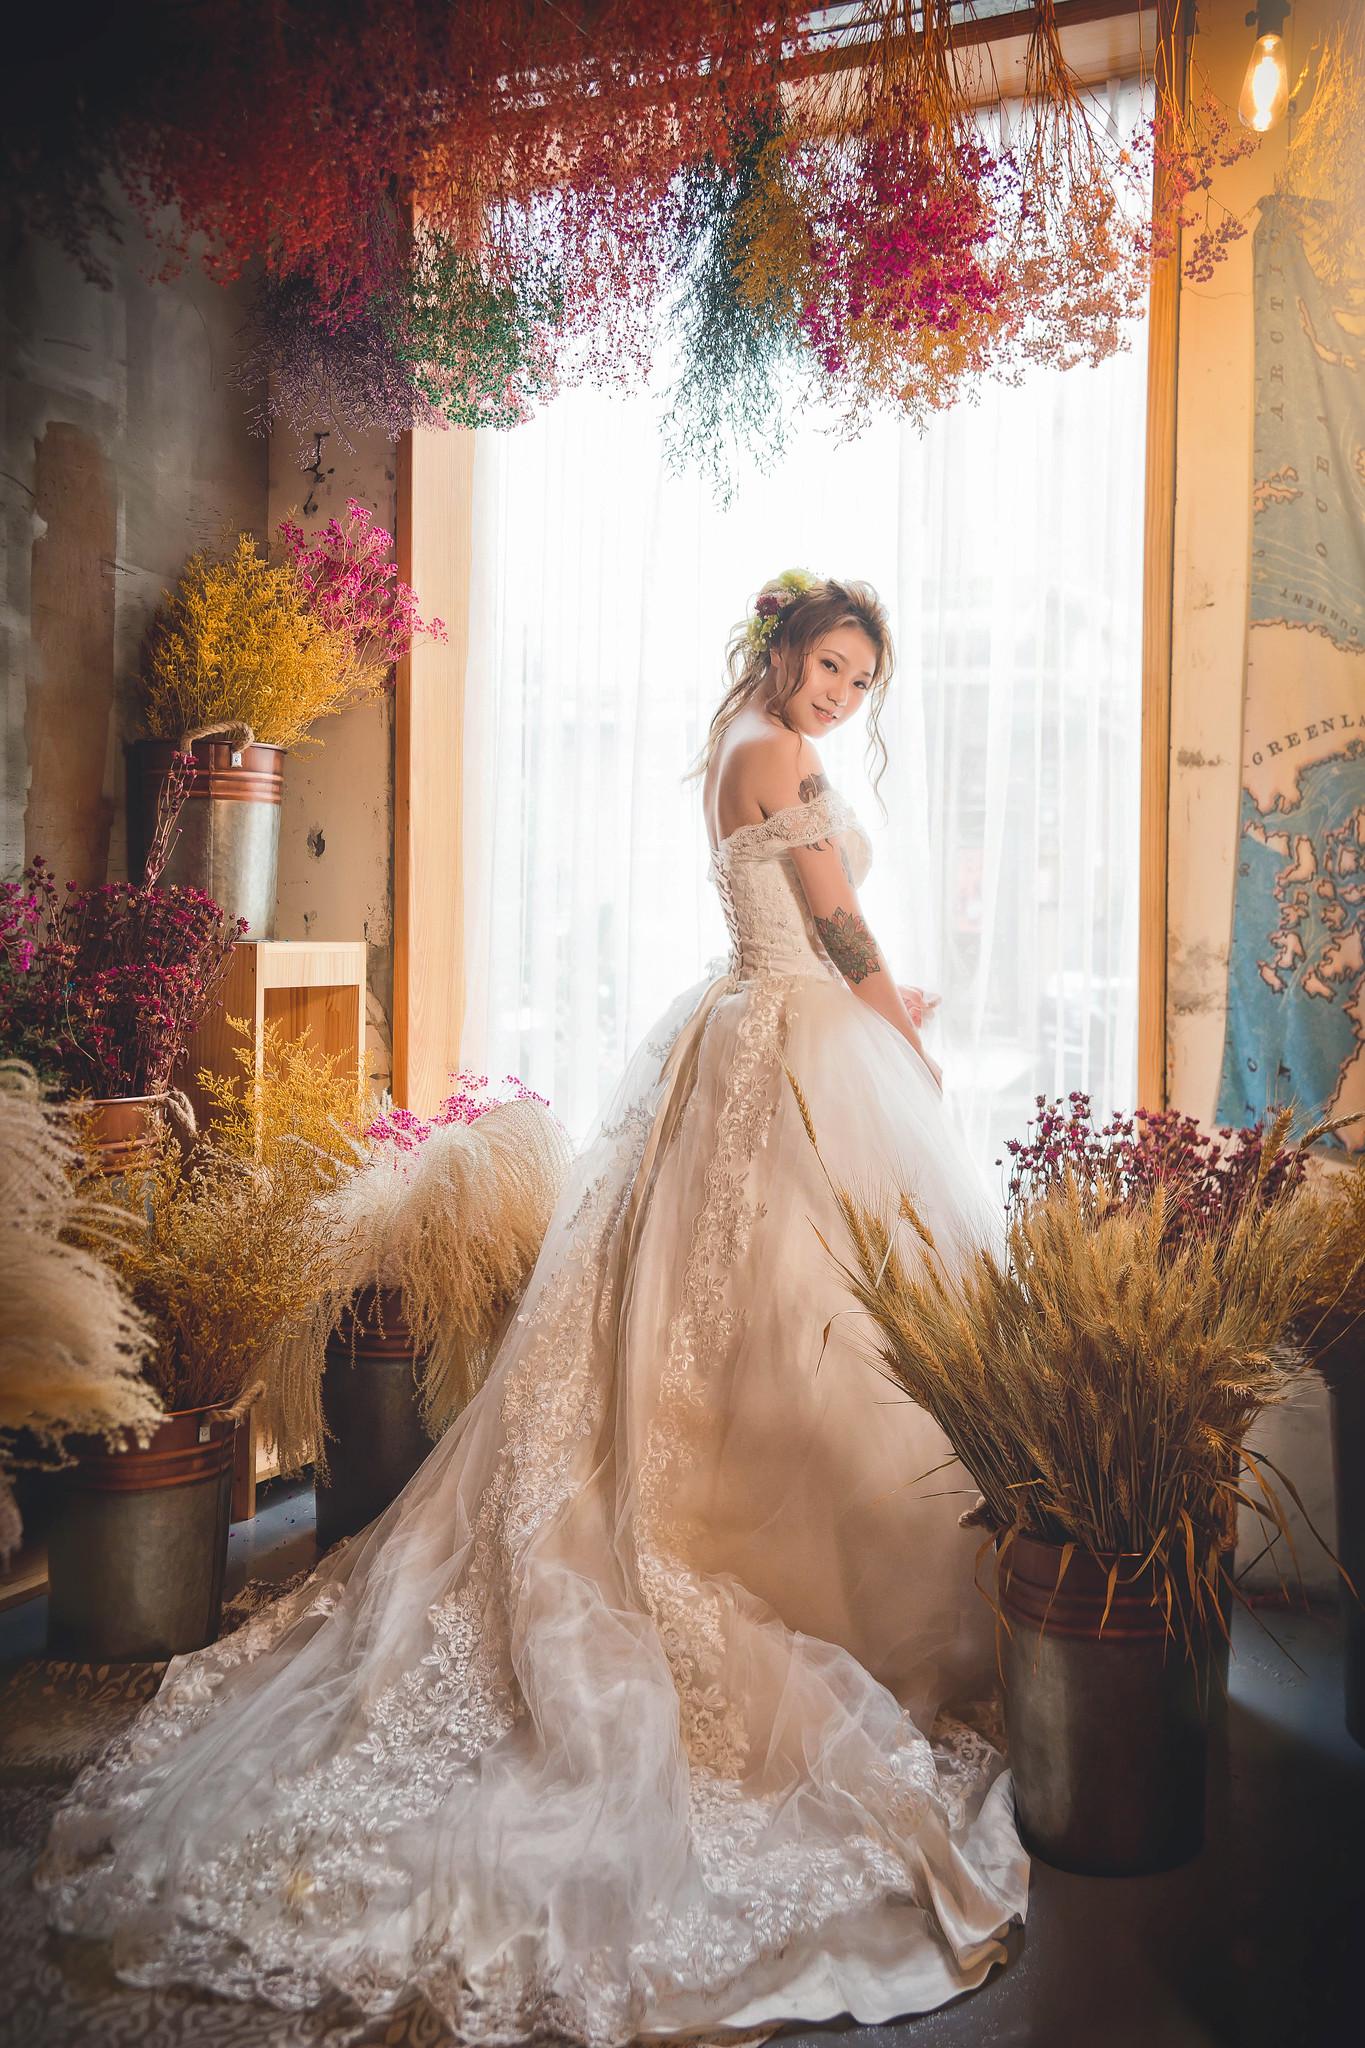 デスクトップ壁紙 ドレス モデル アジア人 植物 屋内の女性